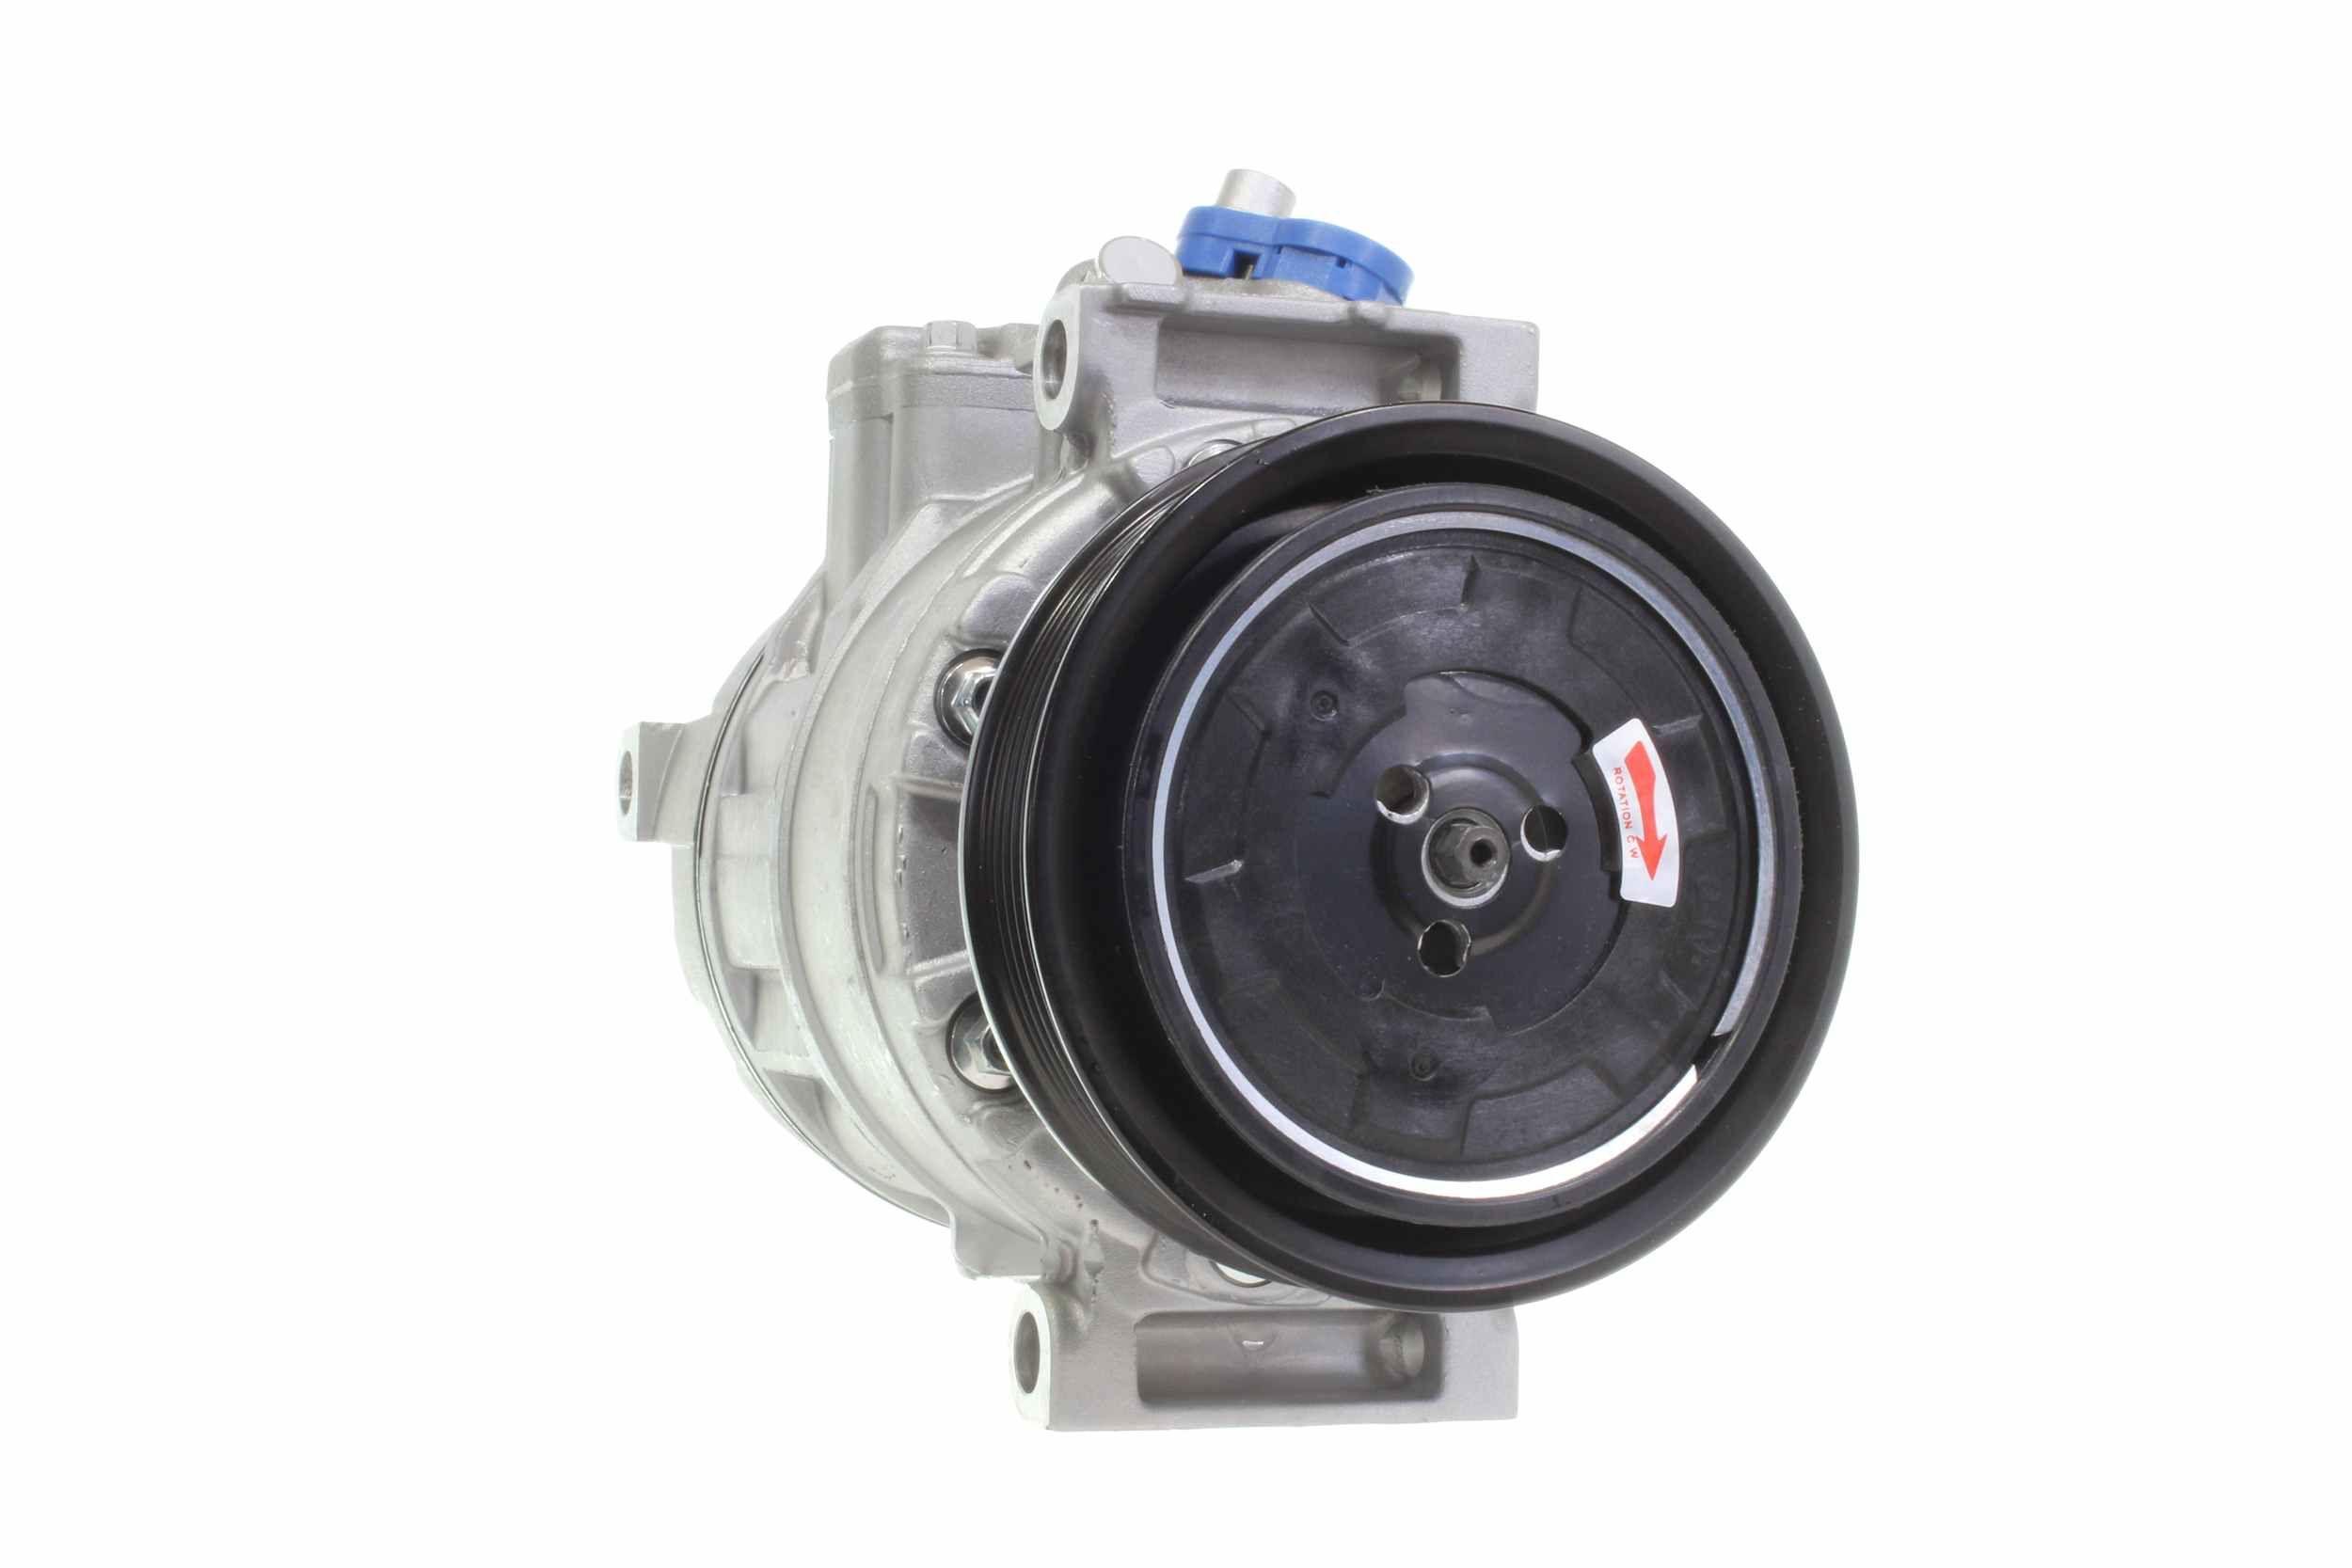 10550744 Kältemittelkompressor ALANKO Erfahrung